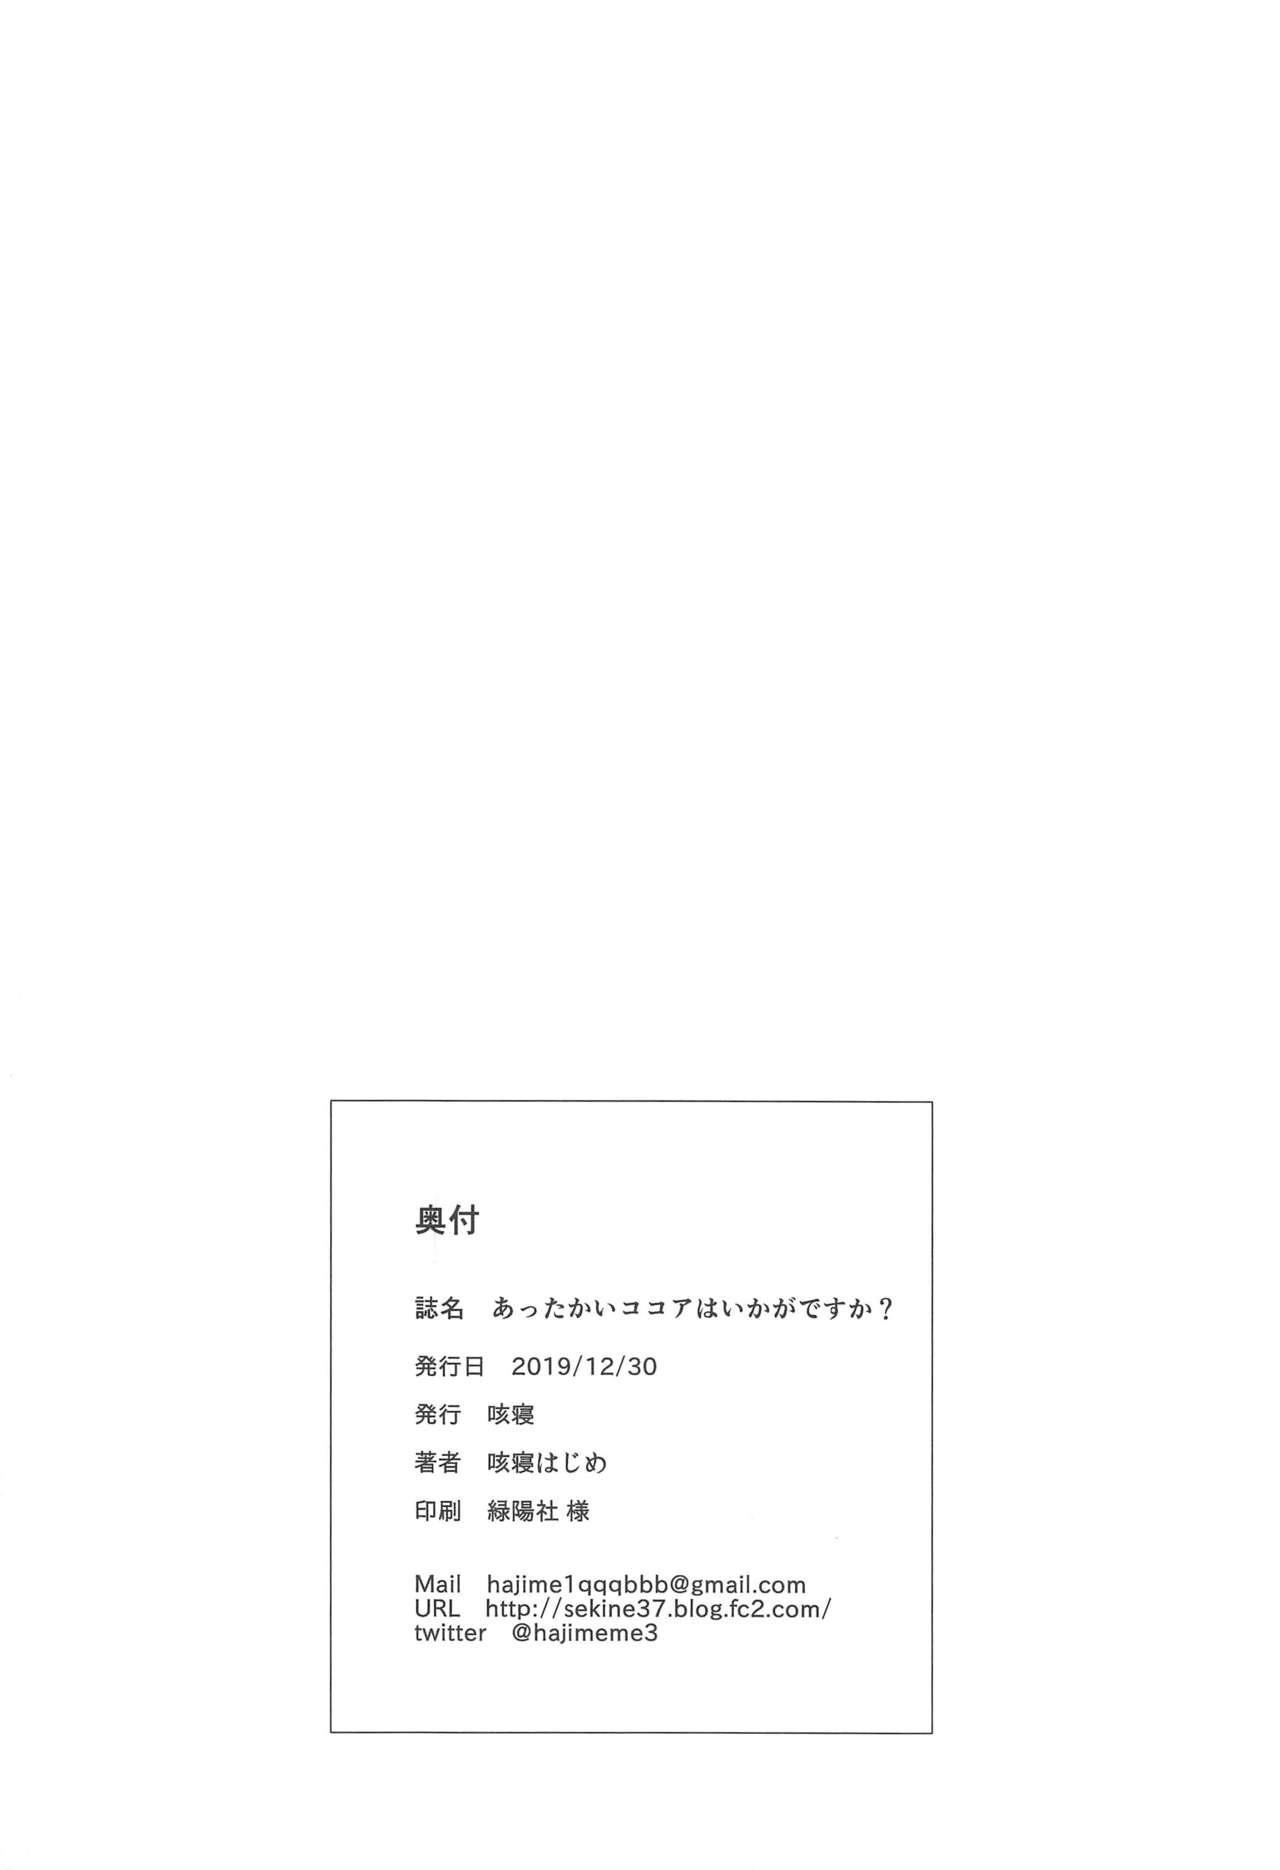 Attakai Kokoa wa Ikaga desu ka? - How about warm cocoa? 24